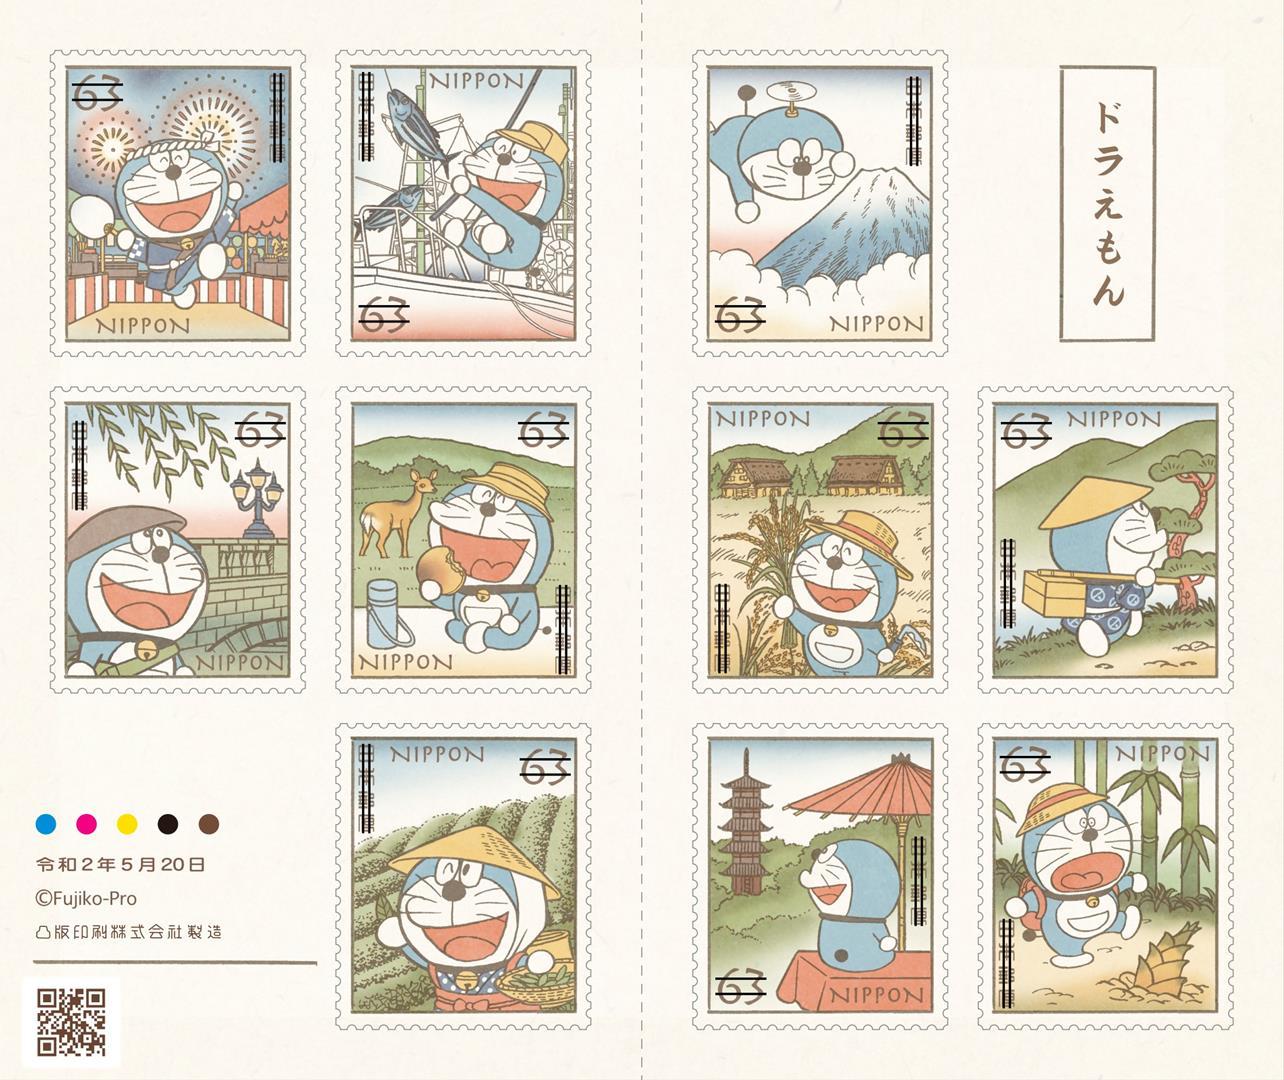 Photo of 日本郵局限量哆啦A夢郵票登場~~一起歡慶50週年吧!